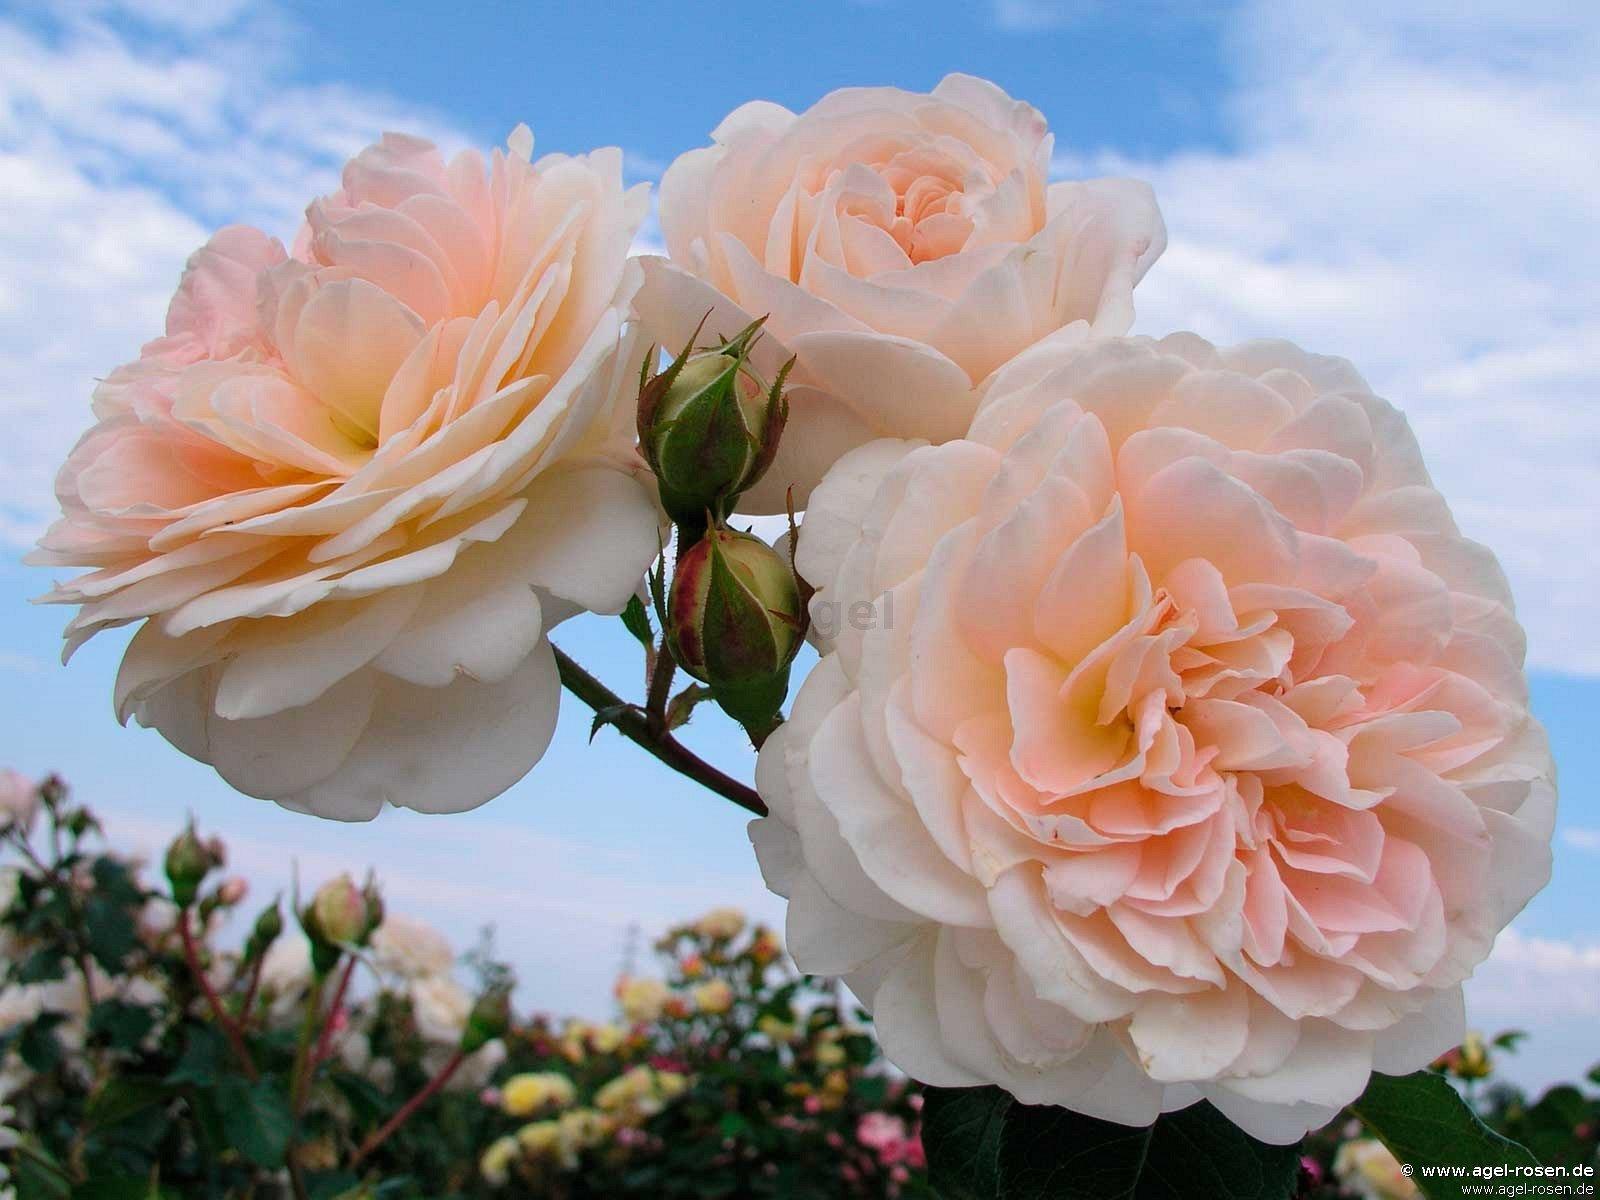 Jardin de l 39 essonne shrub rose buy at agel rosen for Jardin roses